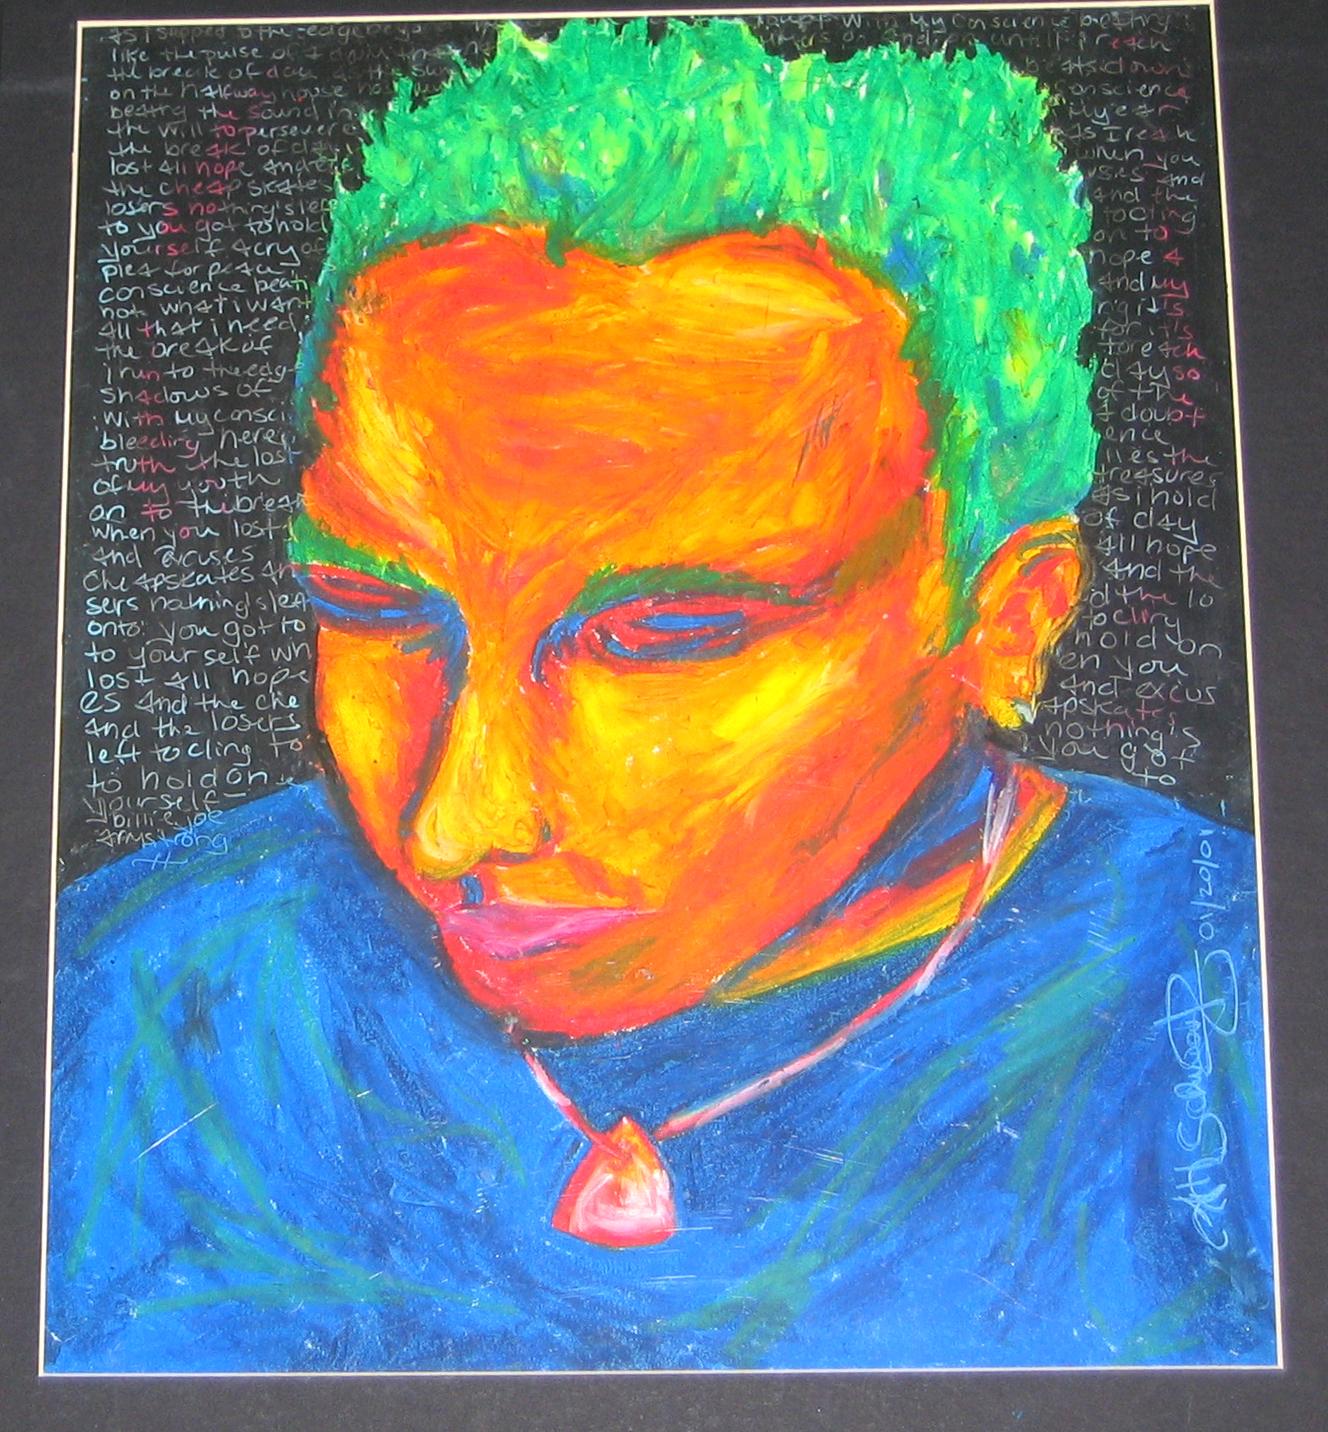 2004 // Central Michigan University Scholarship Winners Exhibition - Mt. Pleasant, MIOil Pastel Portrait, LeftOil Painting, Not pictured